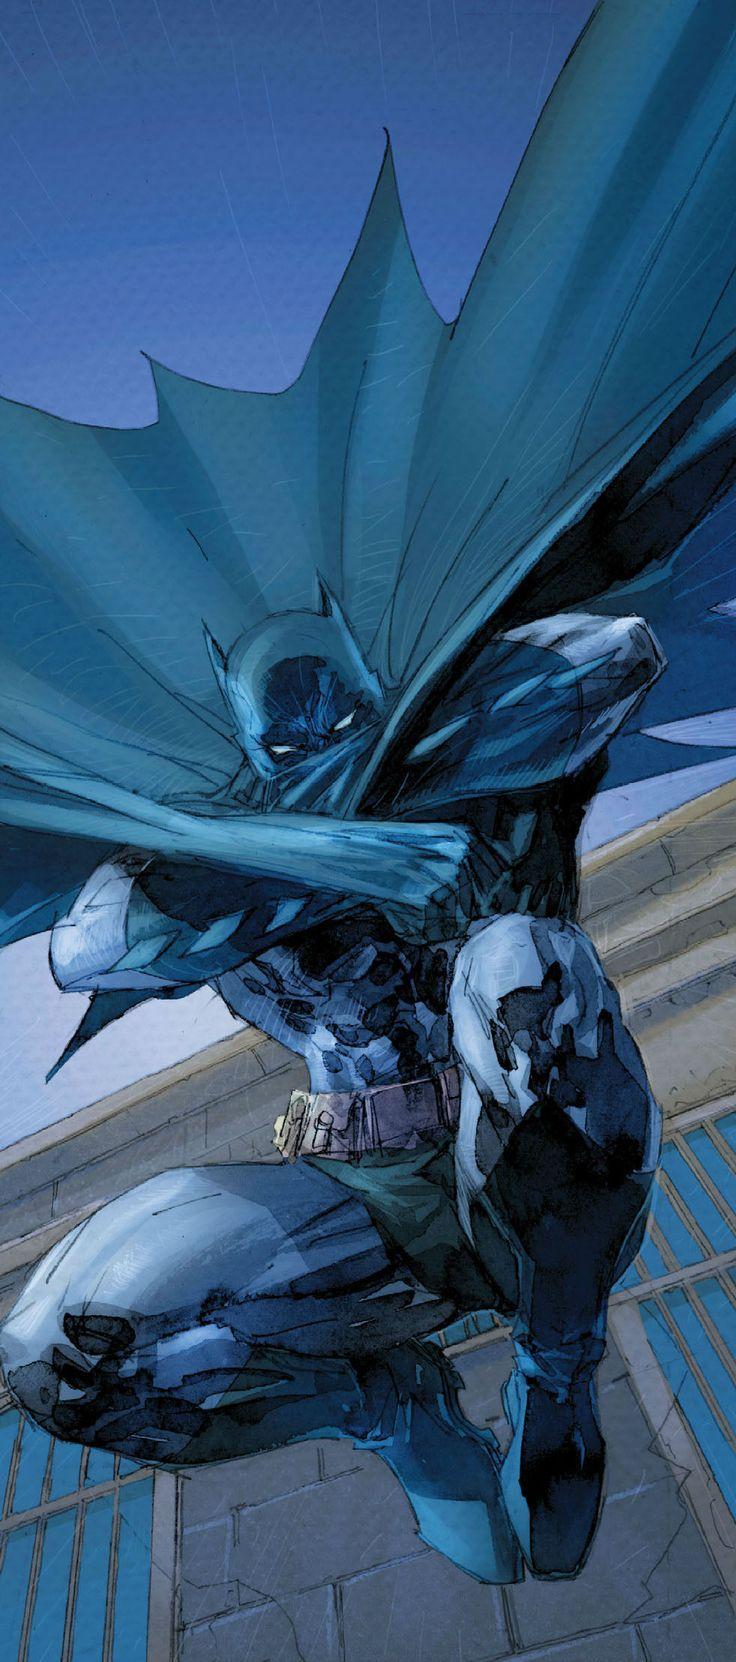 Awesome Batman artwork by Jim Lee